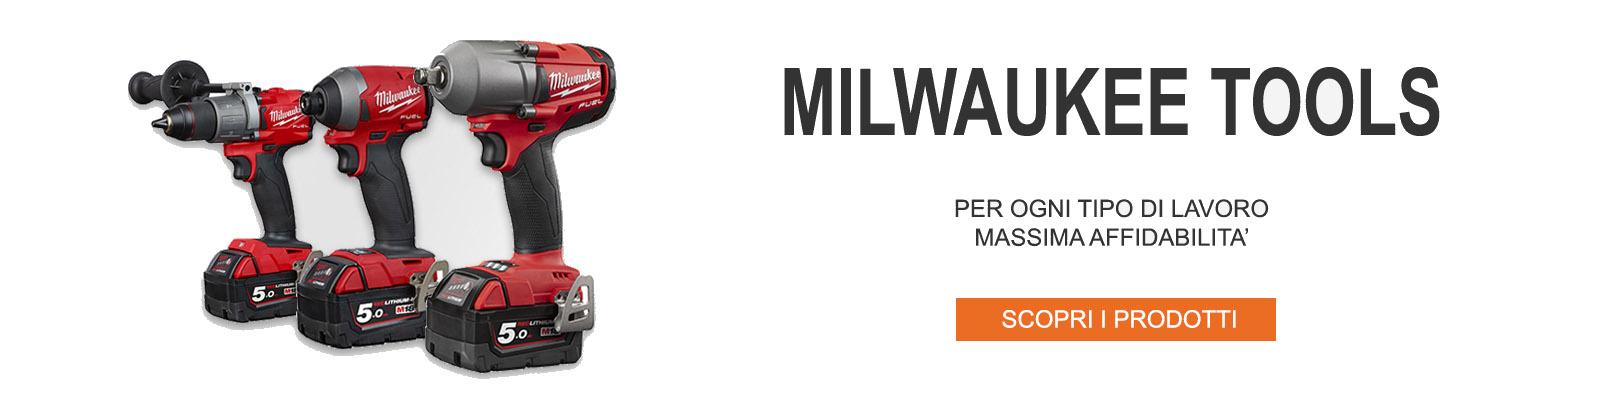 Milwaukee tools: elettroutensili, trapani, avvitatori, smerigliatrici a batteria